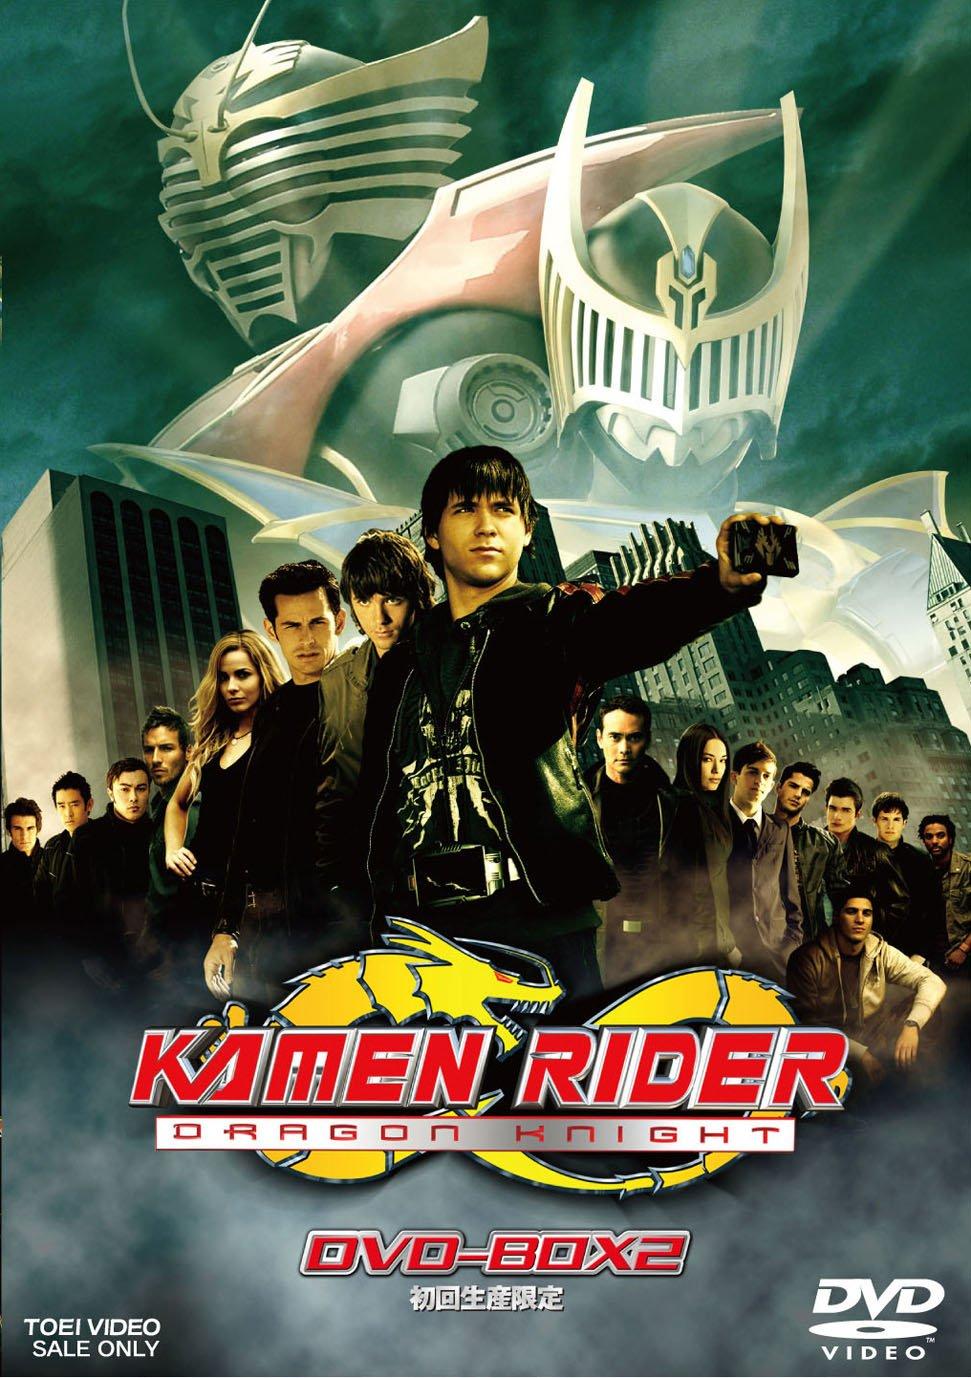 Kamen Rider Dragon Knight Dvd Kamen Rider Dragon Knight Dvd